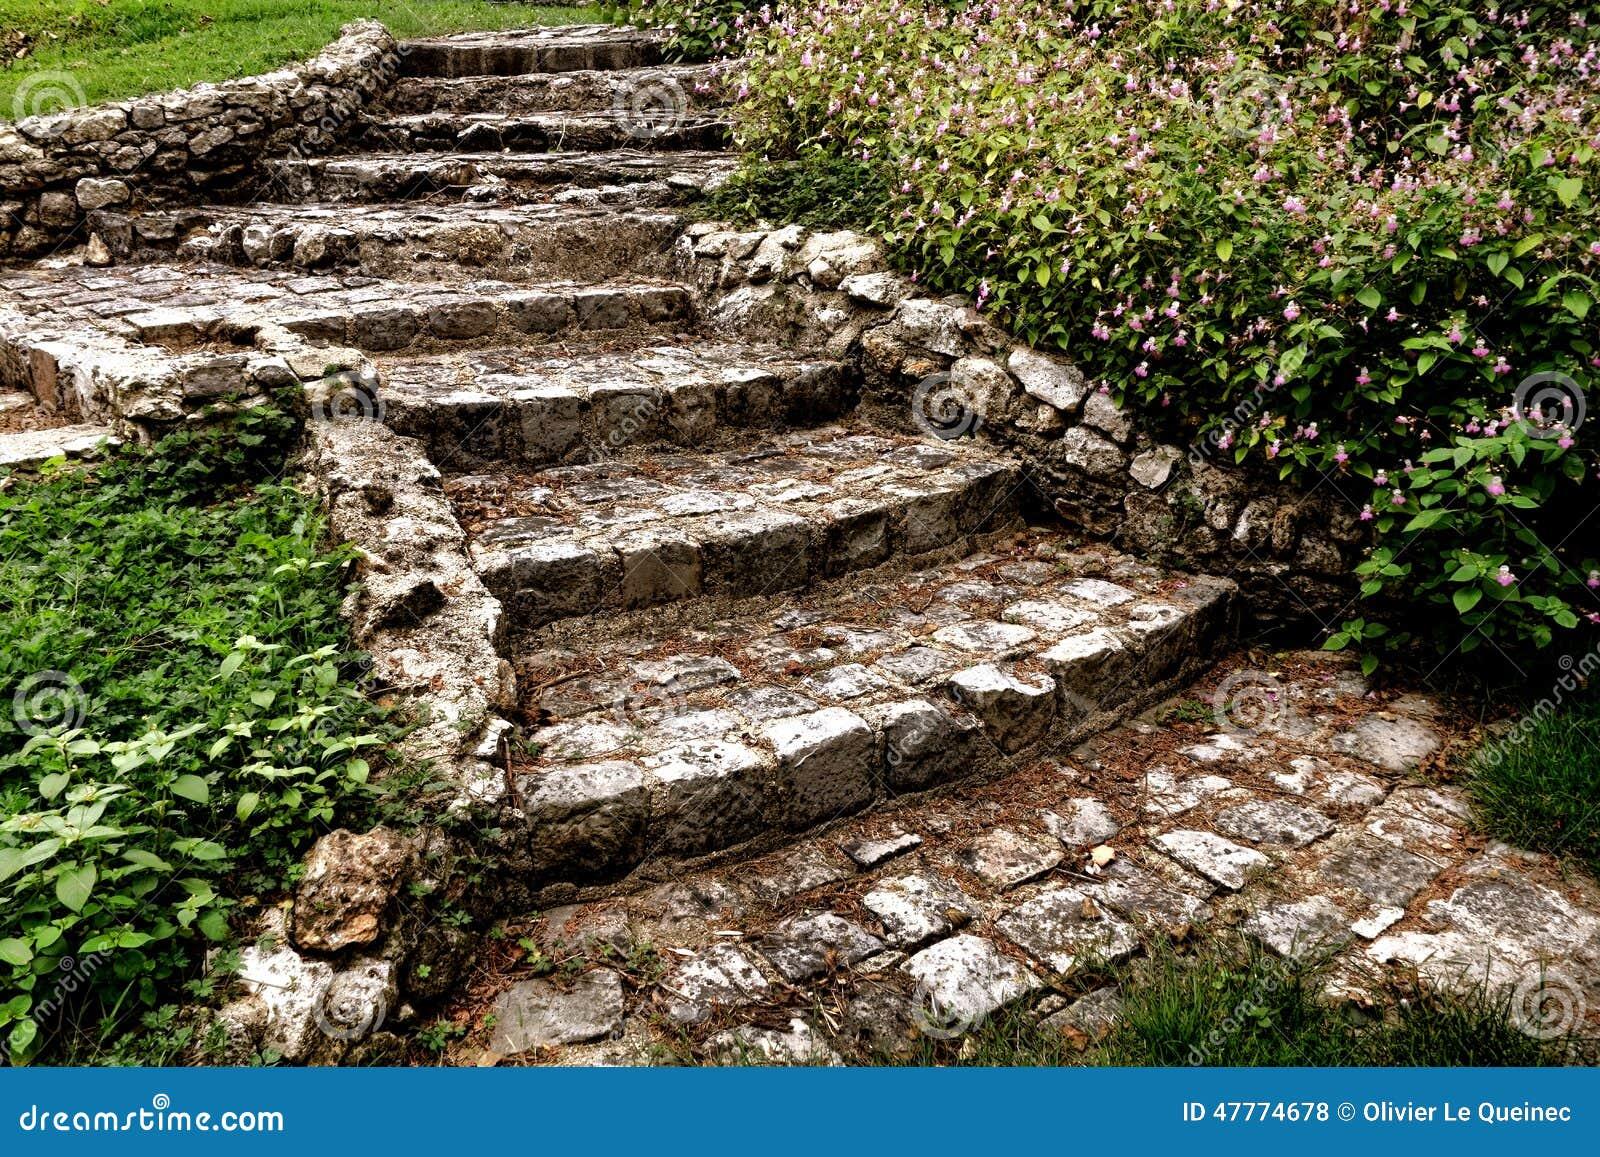 Antique Cobblestone Stairway In Landscaped Garden Stock